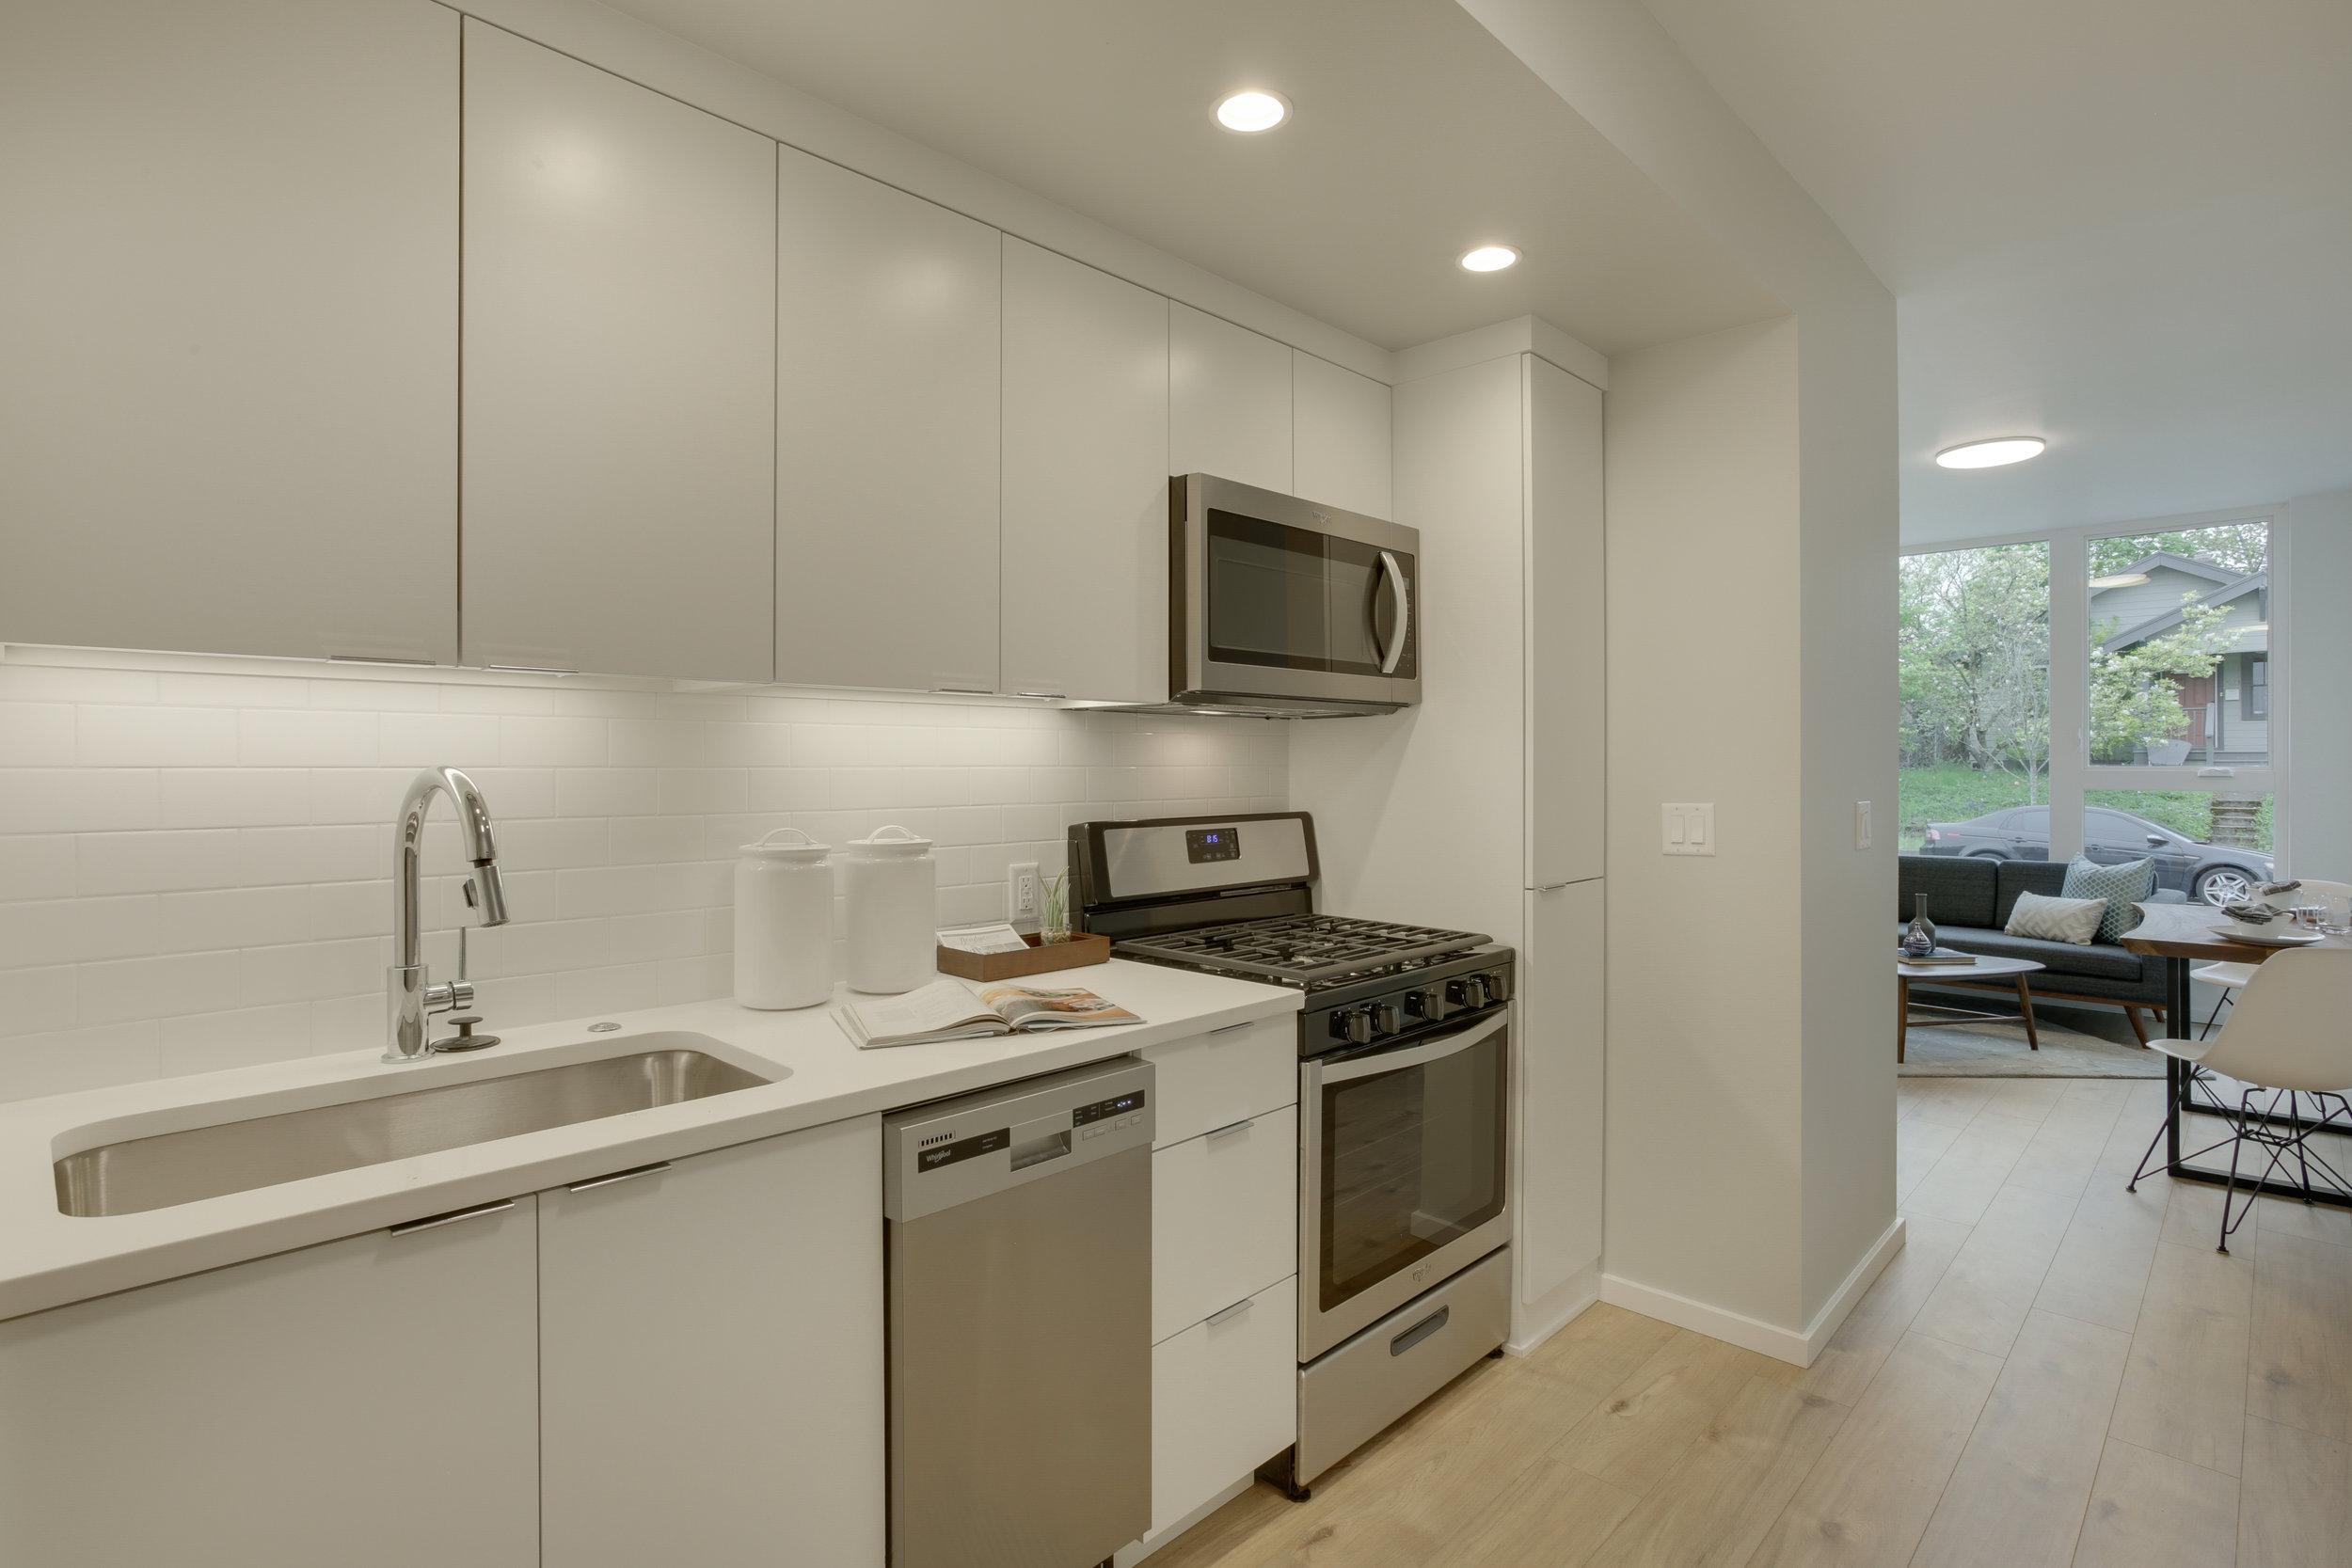 16 kitchen 102.jpg